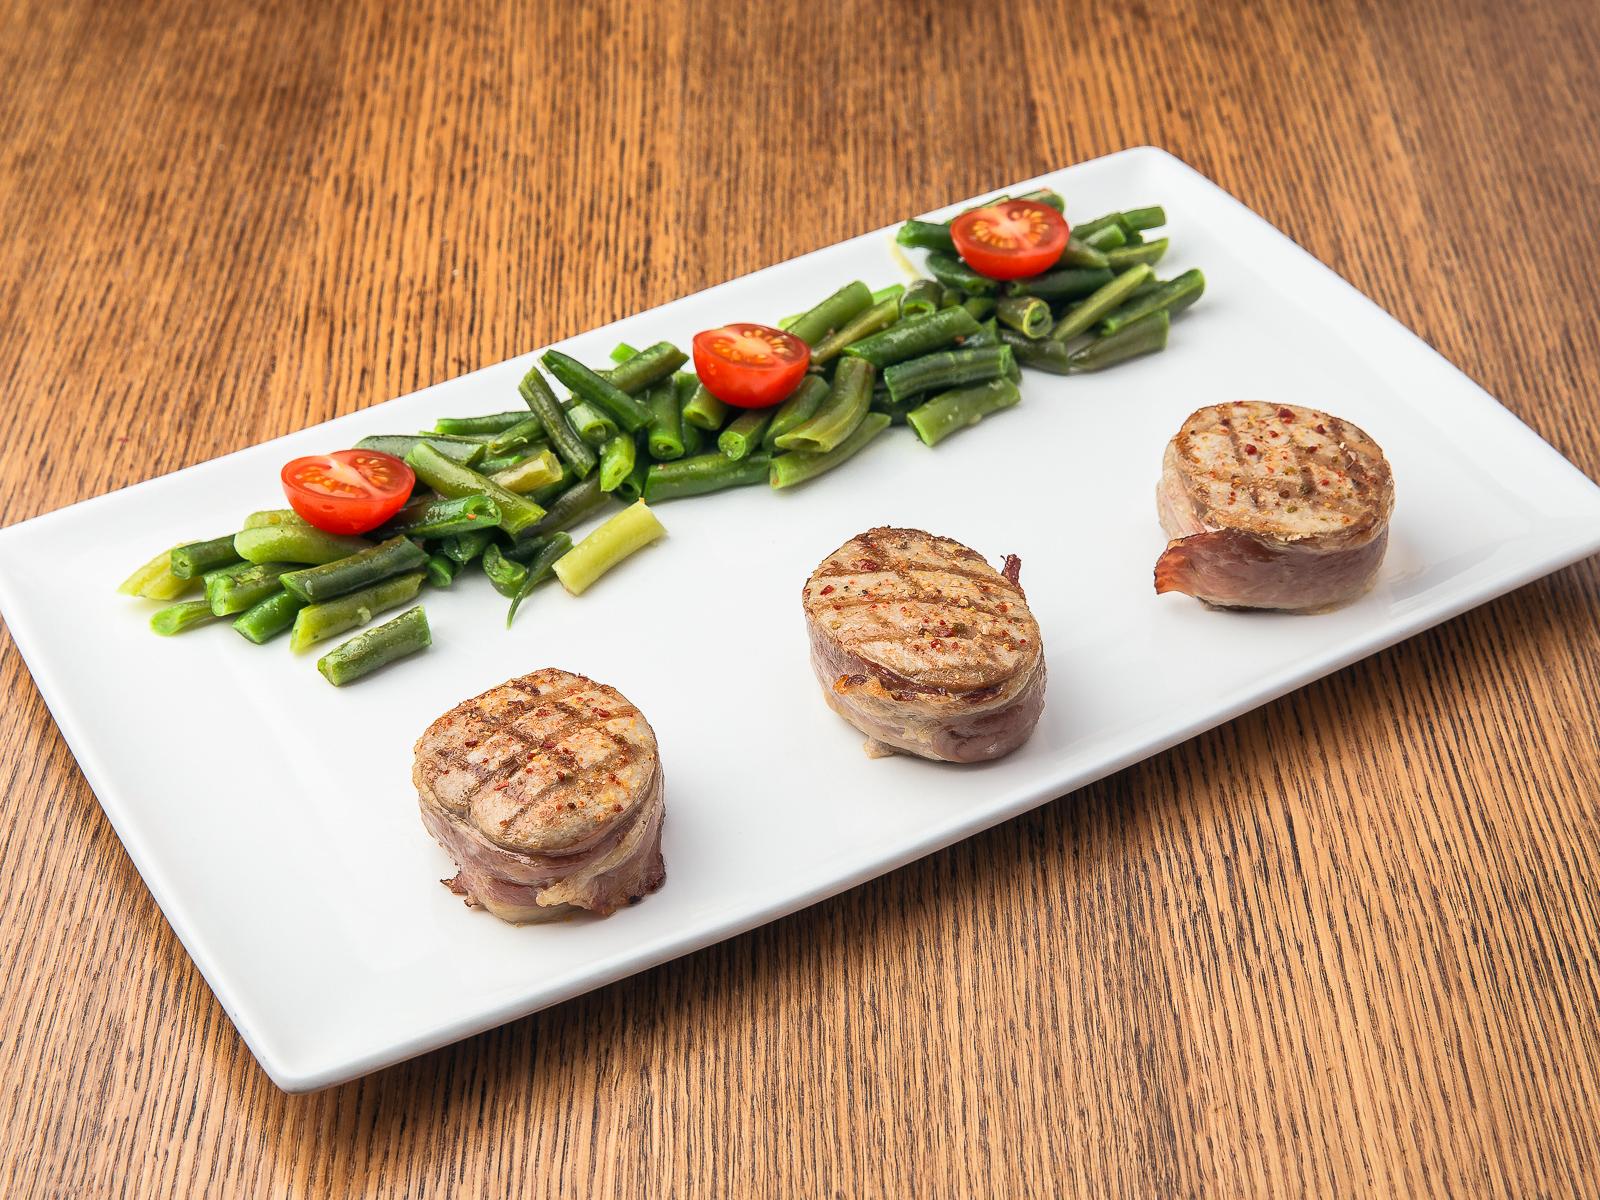 Медальоны из свинины в беконе со стручковой фасолью и томатами черри